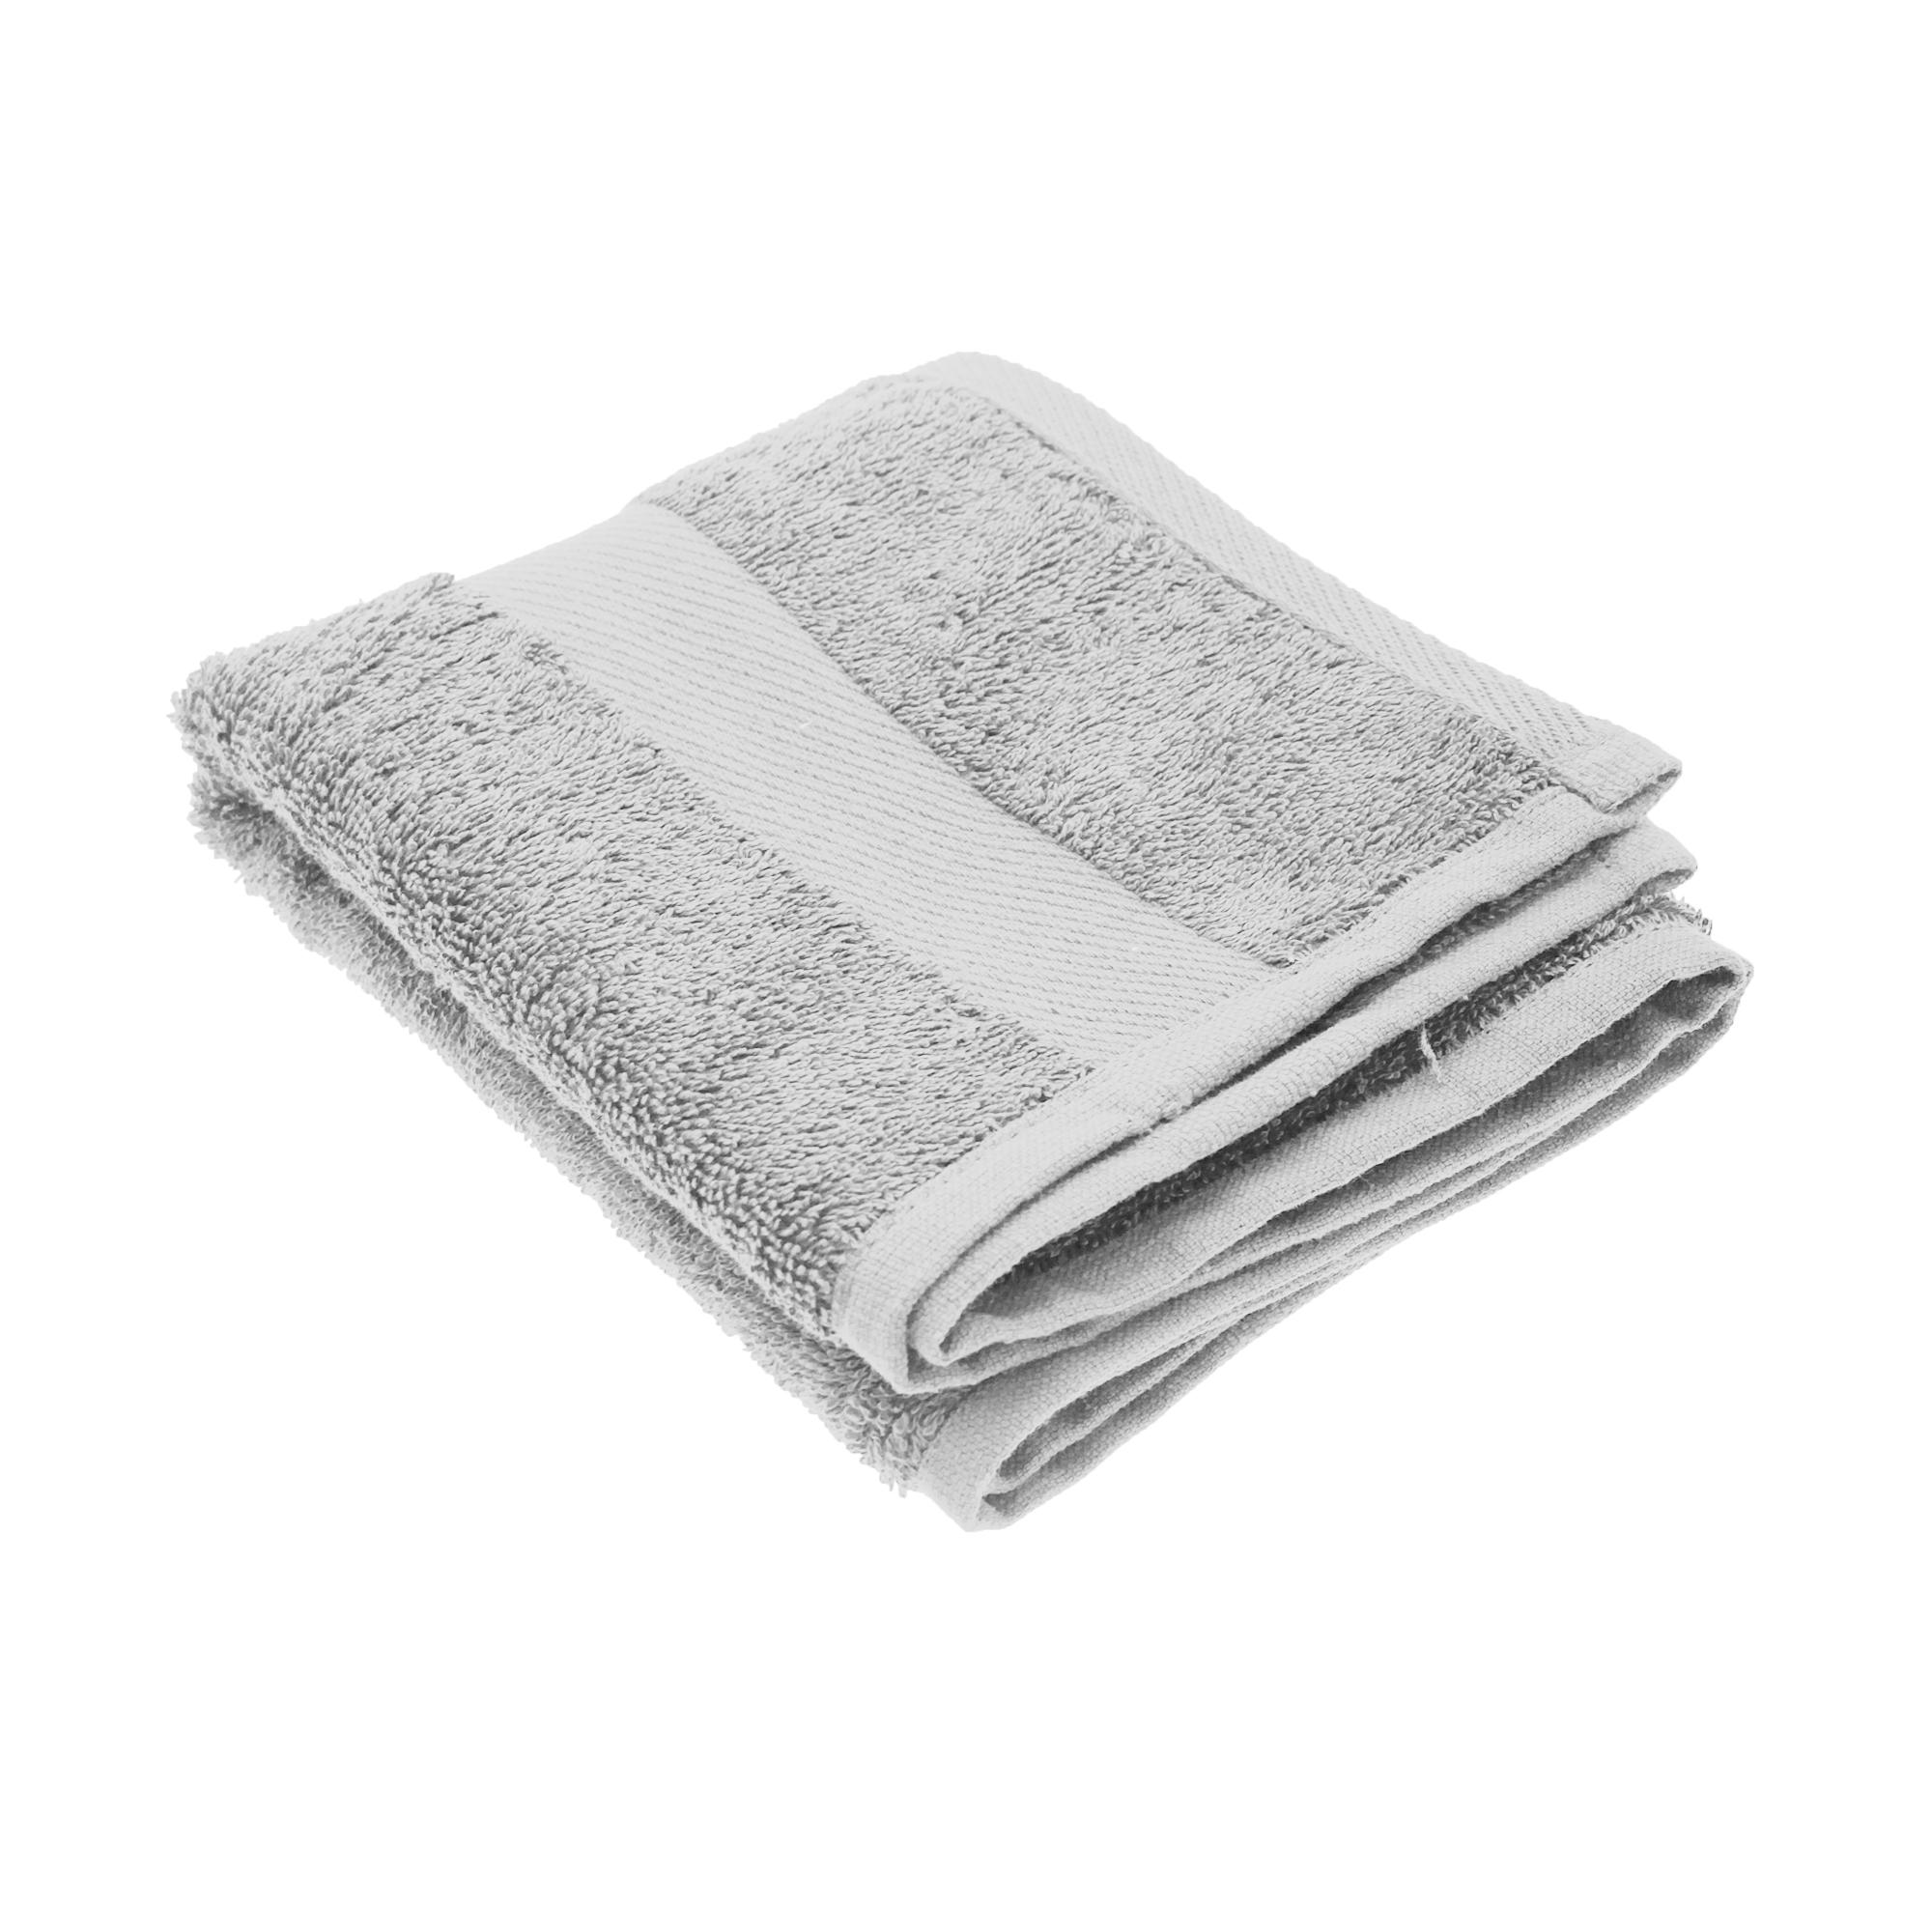 Guest Towels Ebay: Jassz Premium Heavyweight Plain Guest Hand Towel 16 X 24